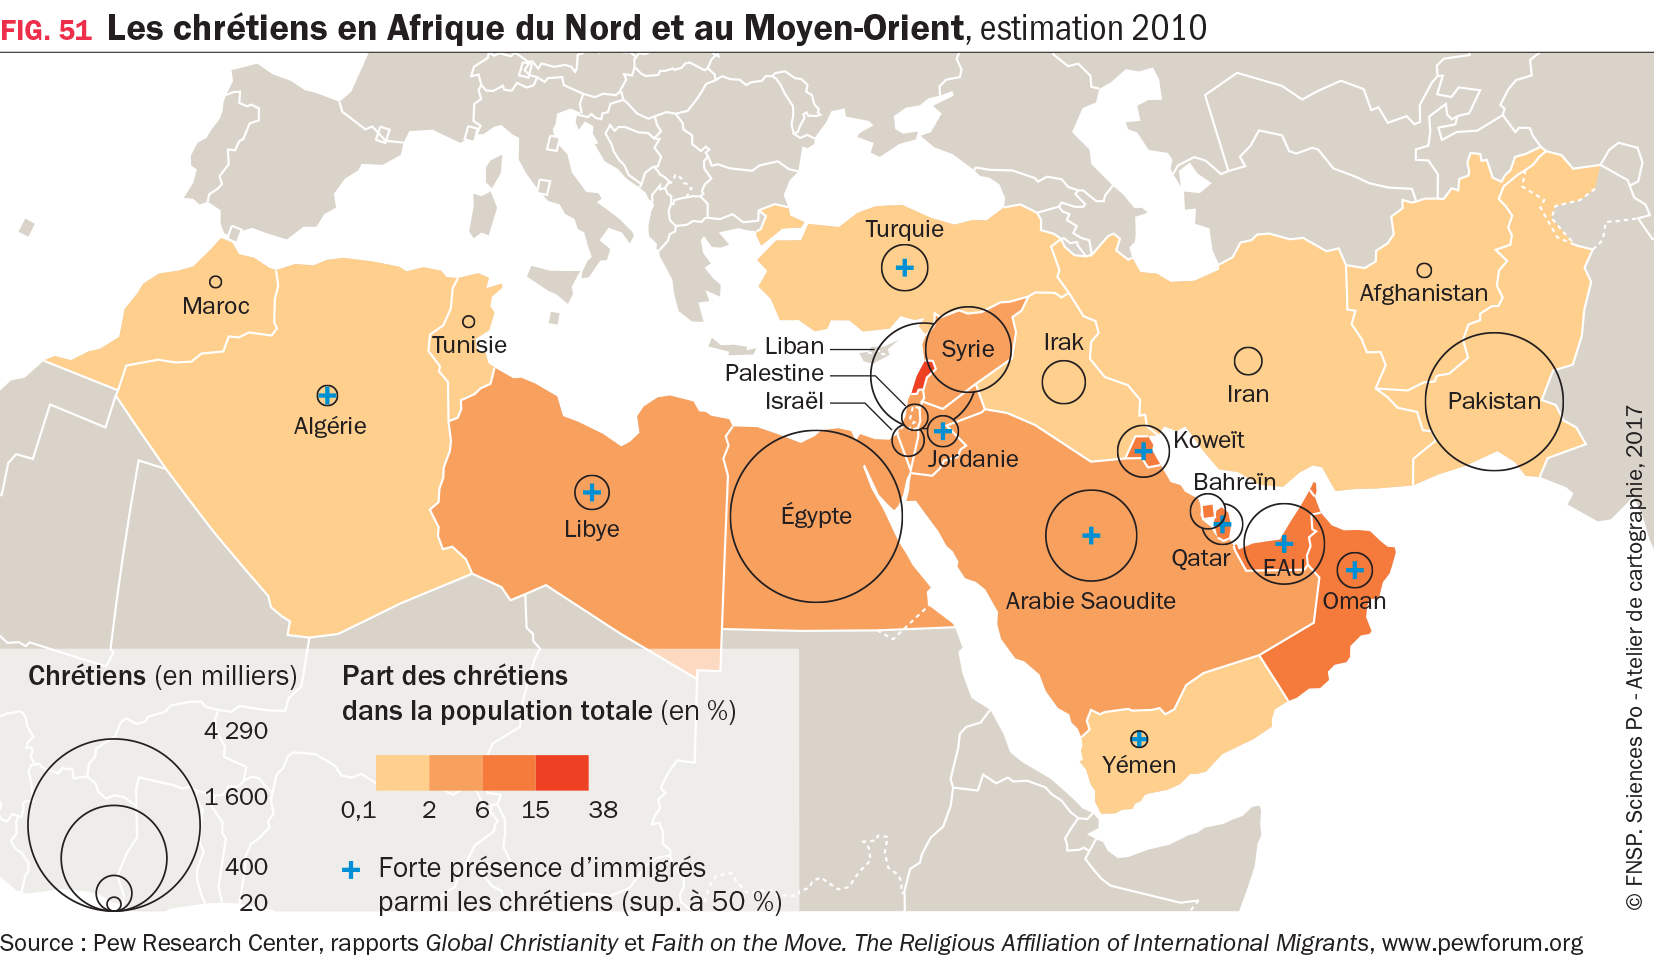 Carte : Les chrétiens en Afrique du Nord et au Moyen-Orient, estimation 2010